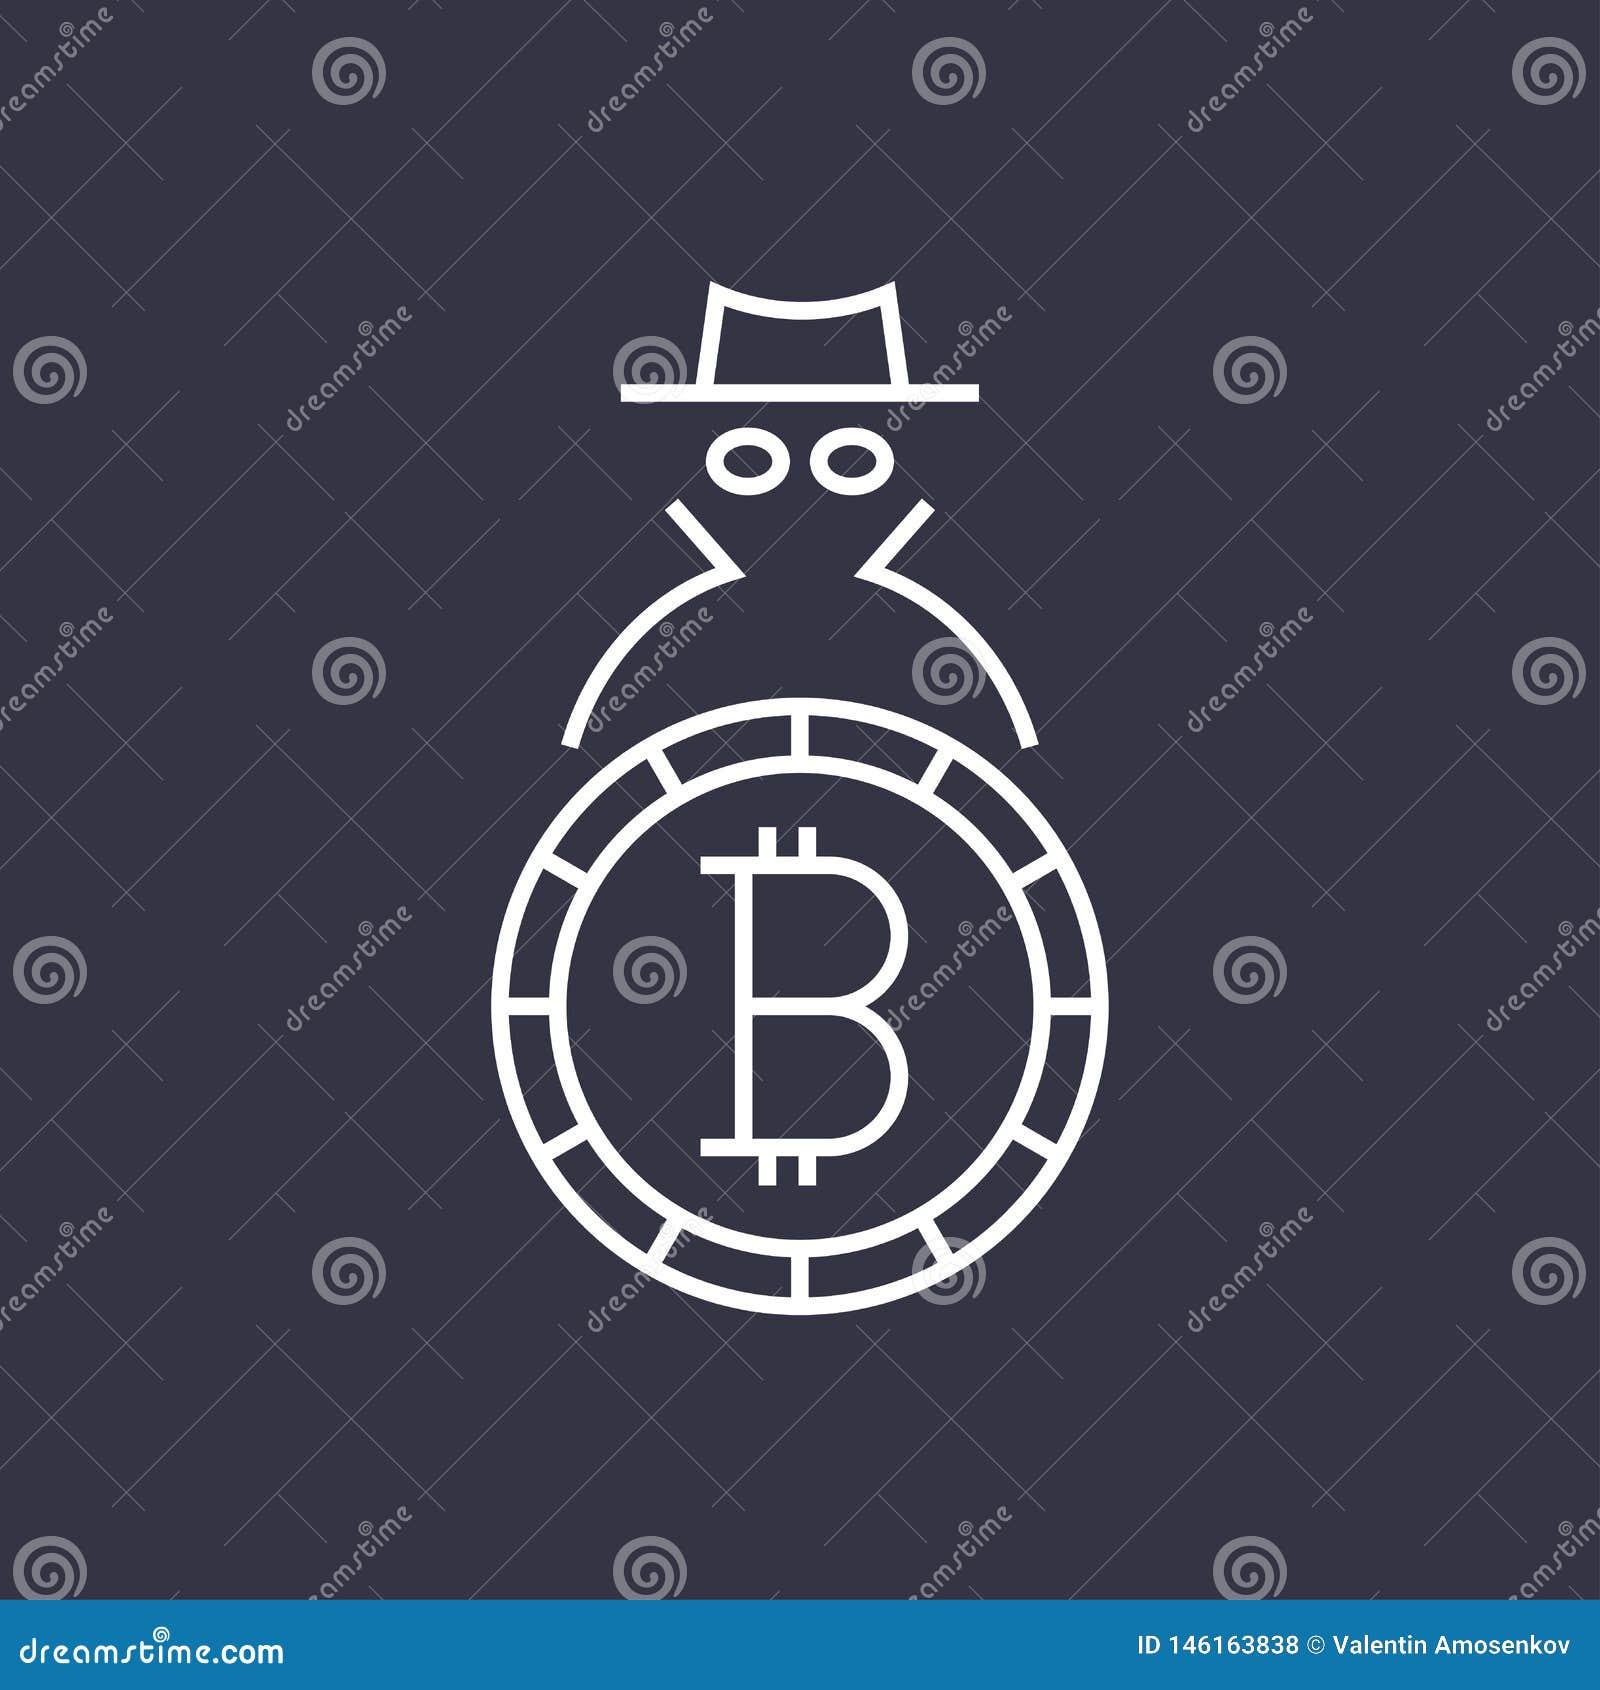 Bitcoin cryptocurrency blockchain mieszkania logo Use dla log?w, druk?w produkty, strona, sieci inny i wystr?j, lub projekt _